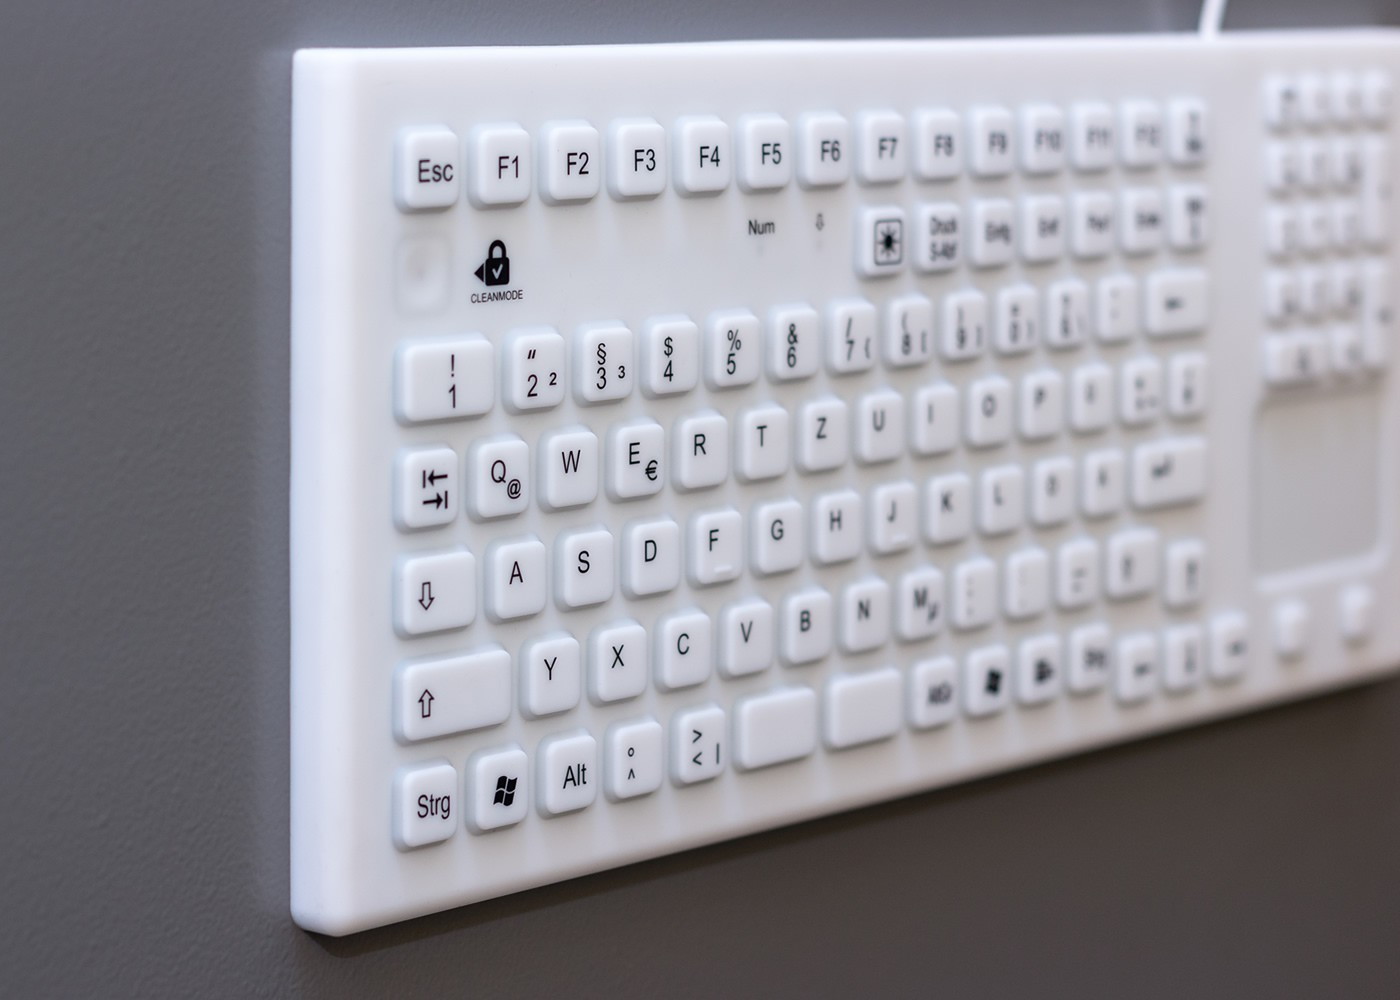 Clavier rétroéclairé lavable 107 touches étanche IP68 avec touchpad – Silicone rigide